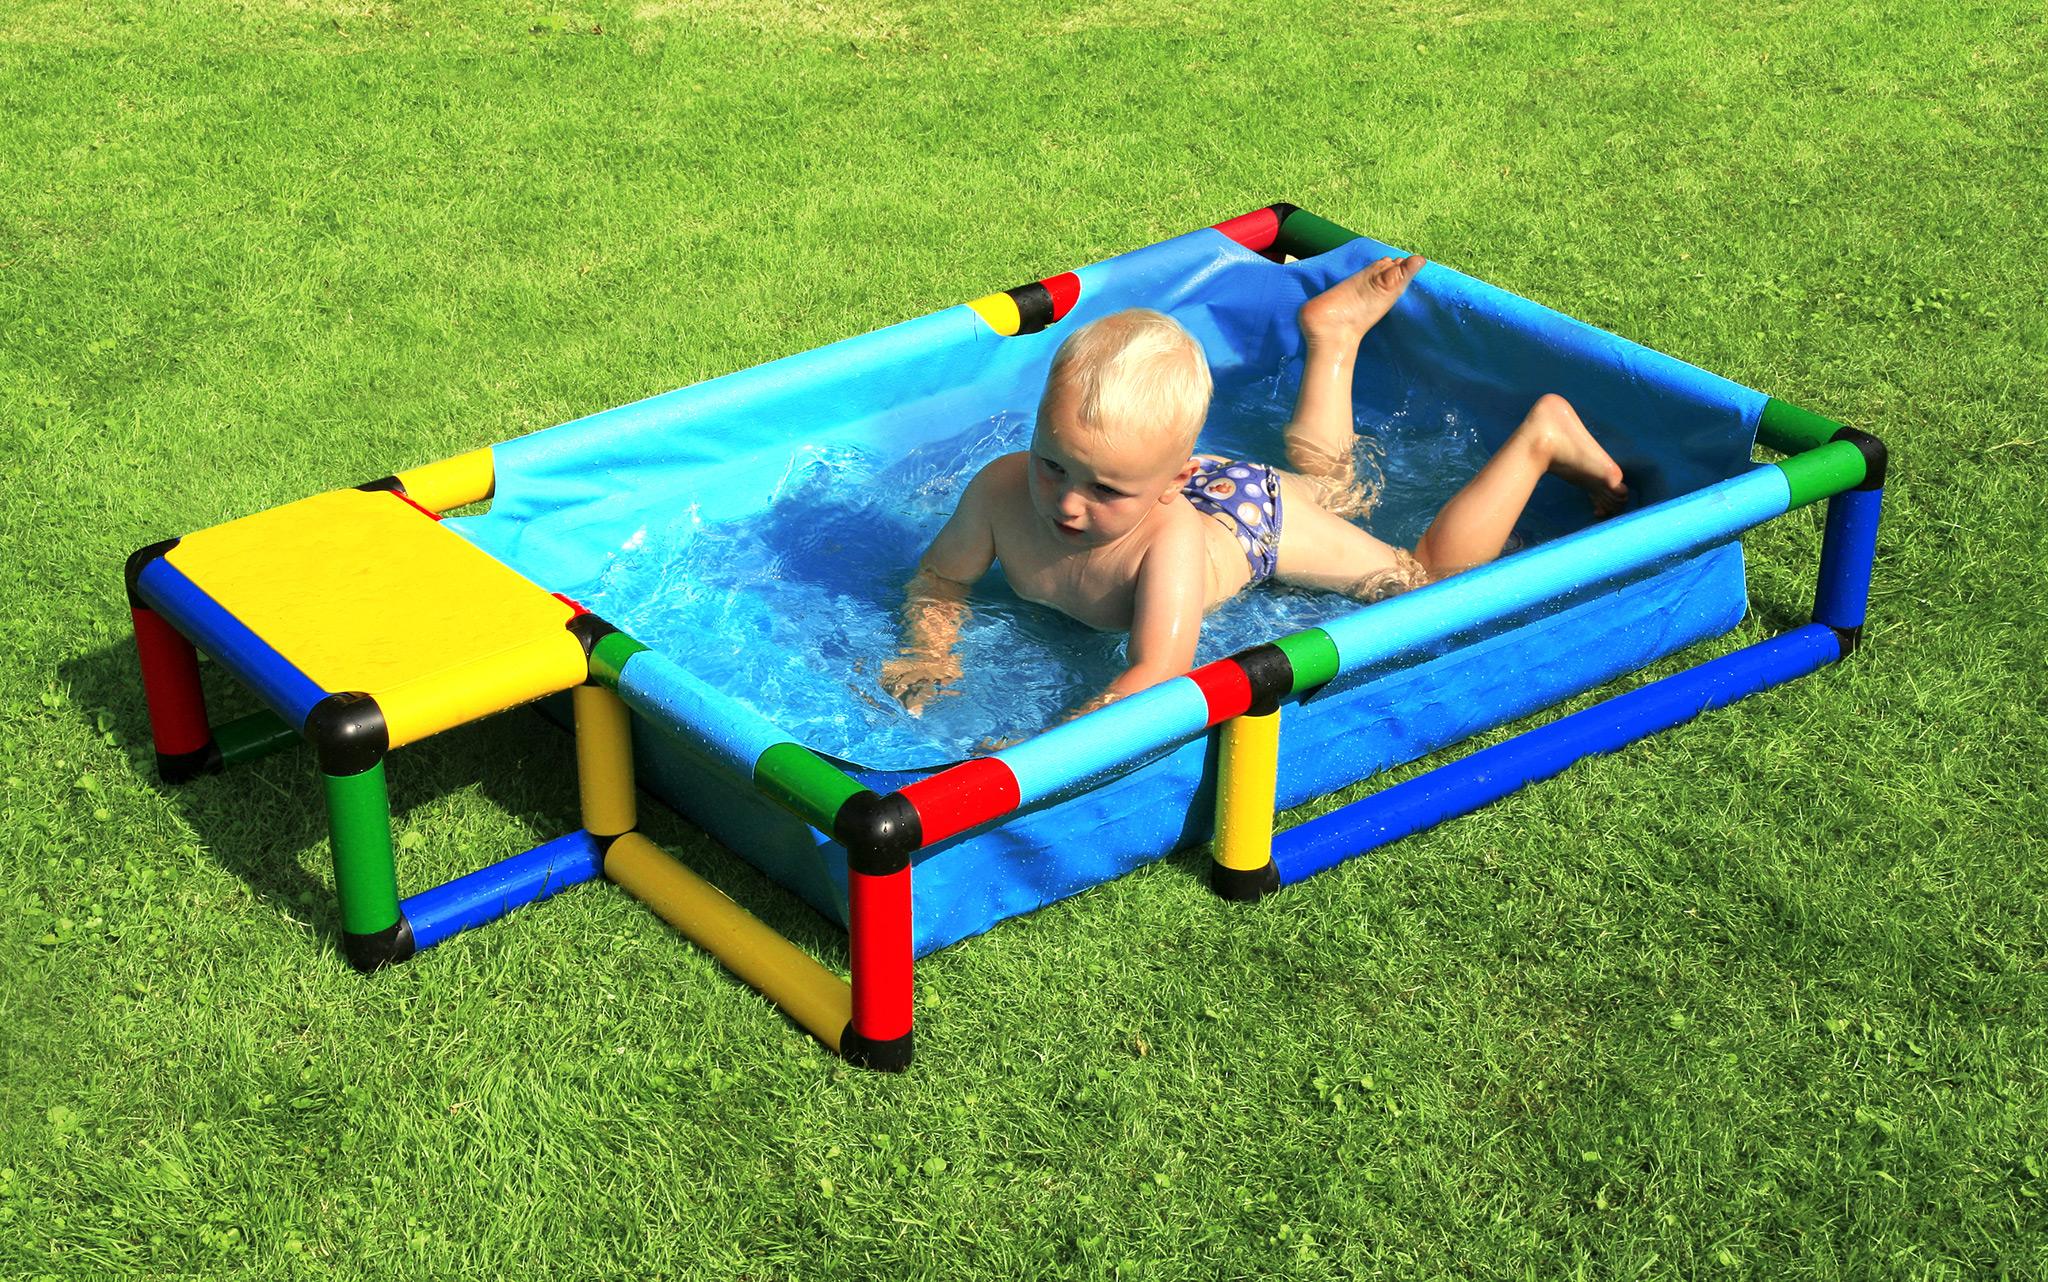 Quadro Klettergerüst Xxl : Pool s quadro der grossbaukasten